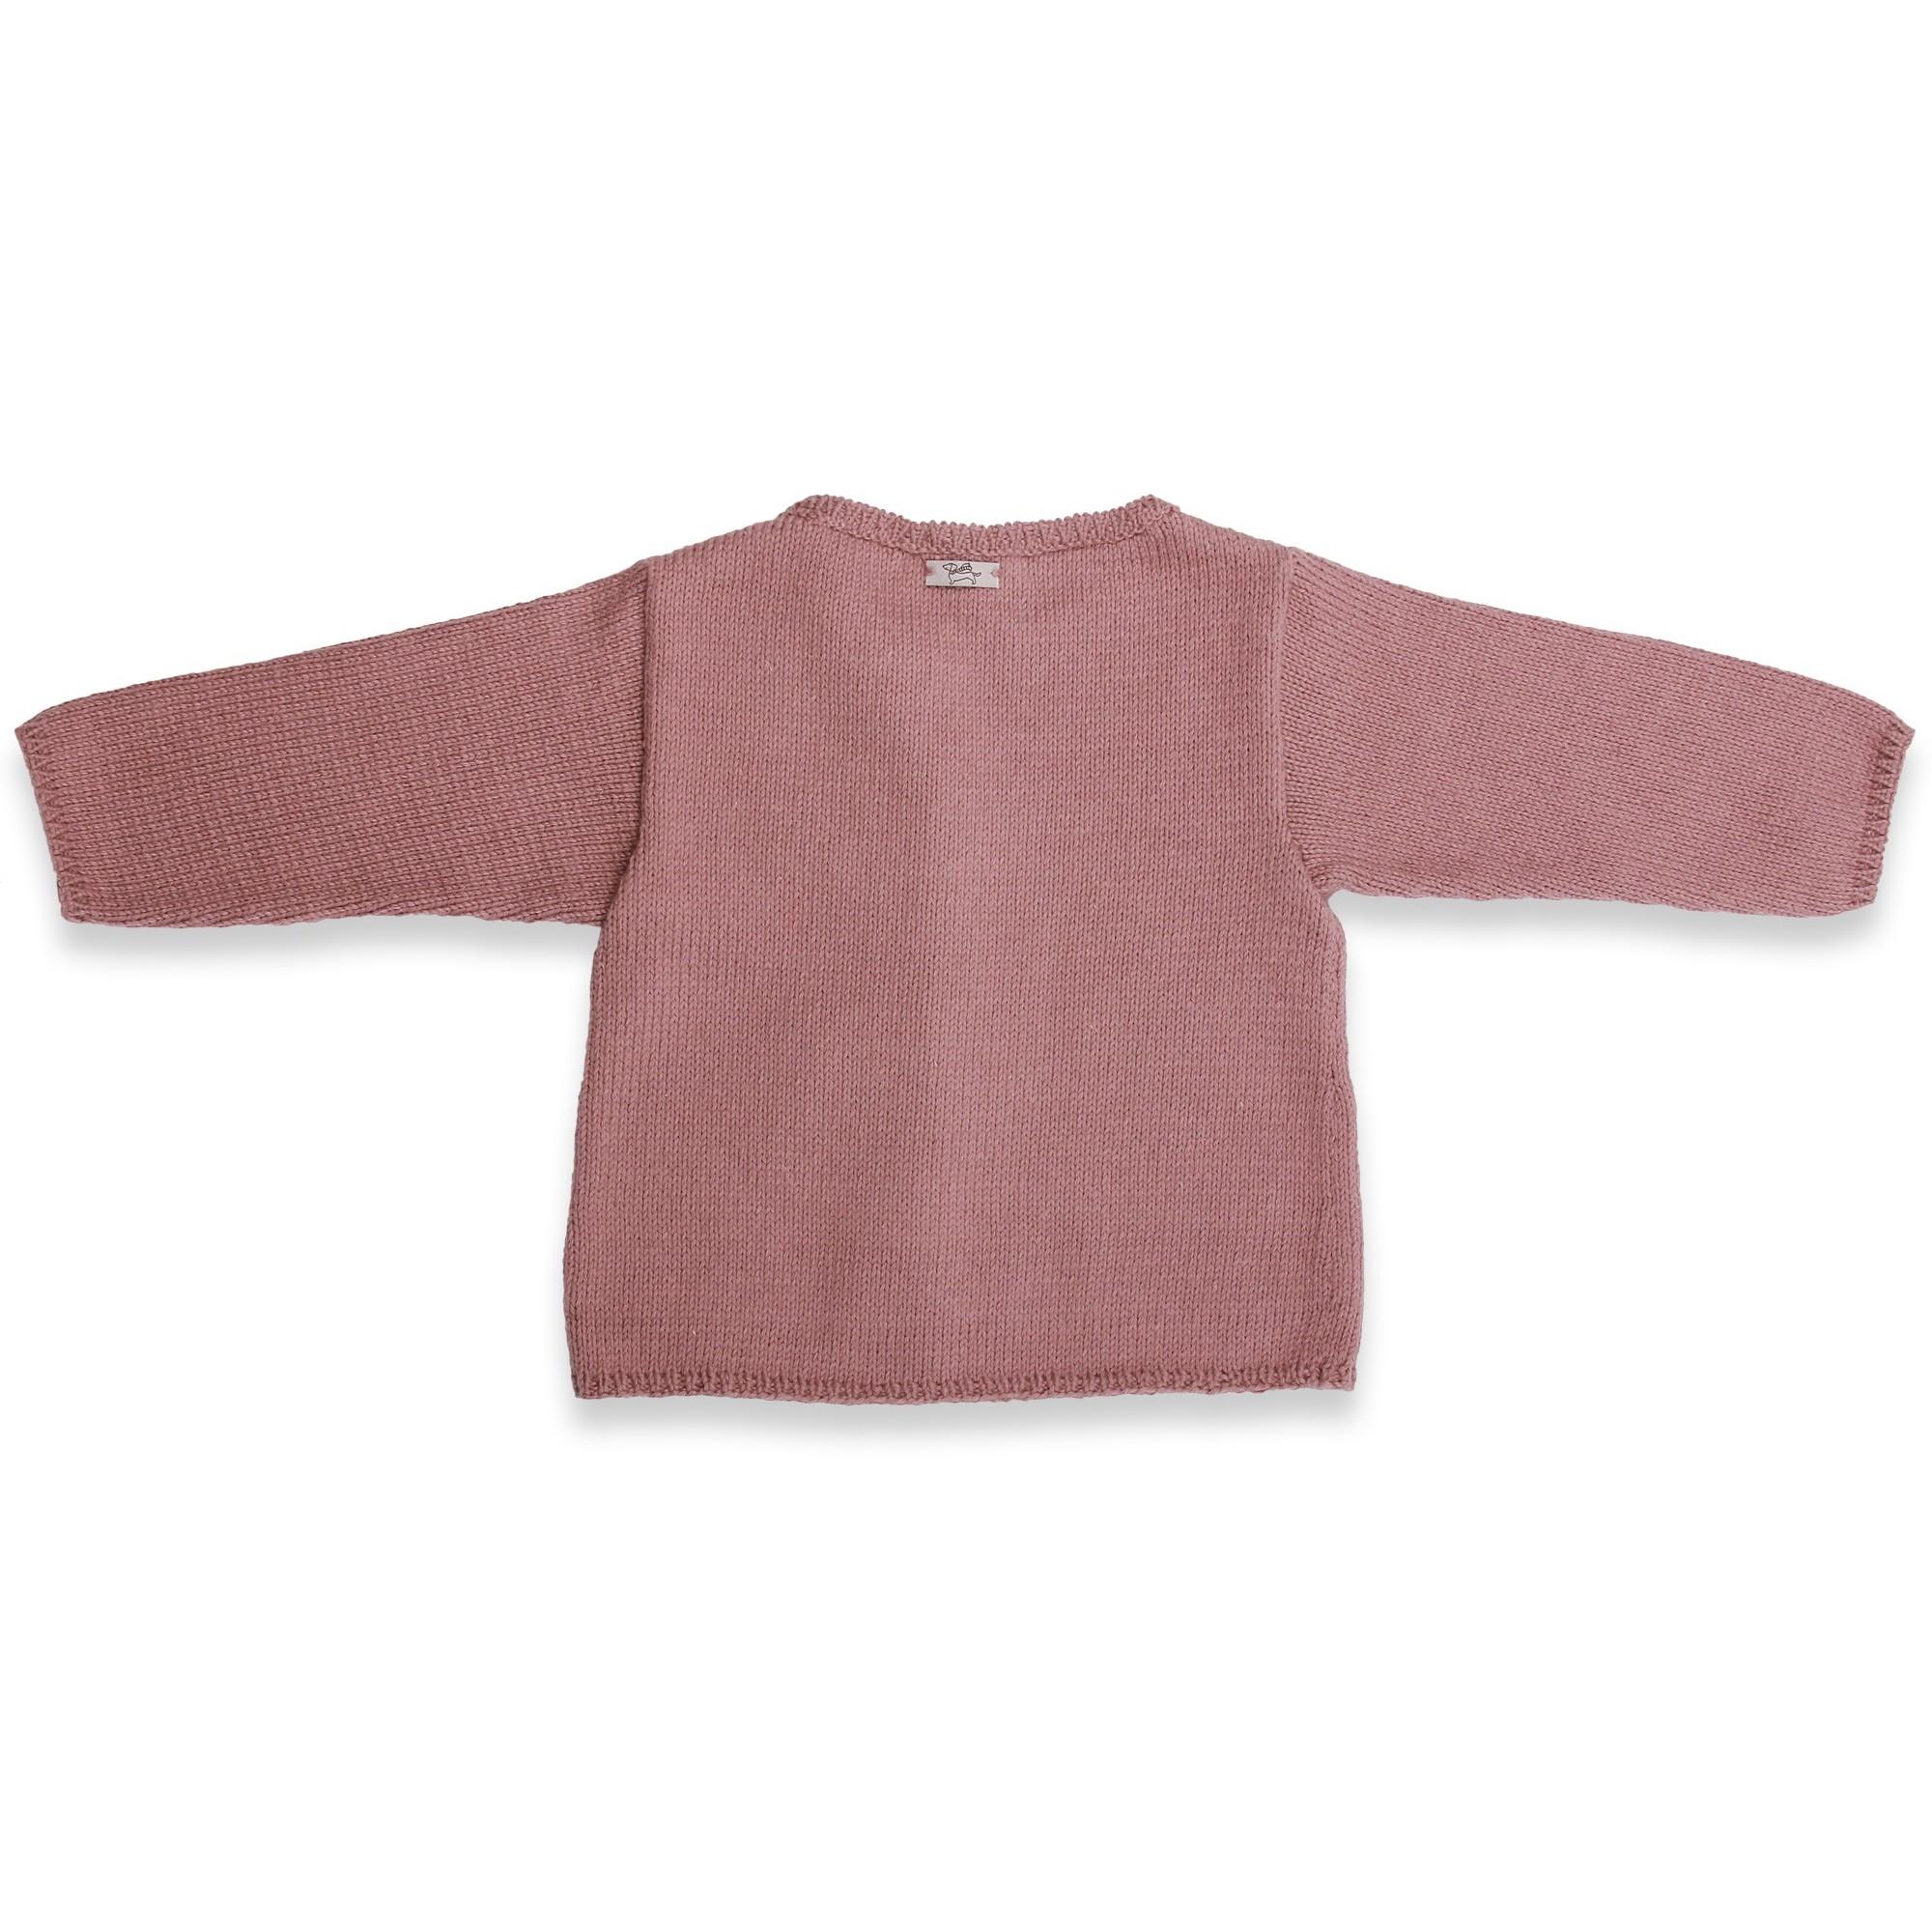 Gilet bébé taupe en coton et cachemire avec boutons bois tricoté en point jersey - dos